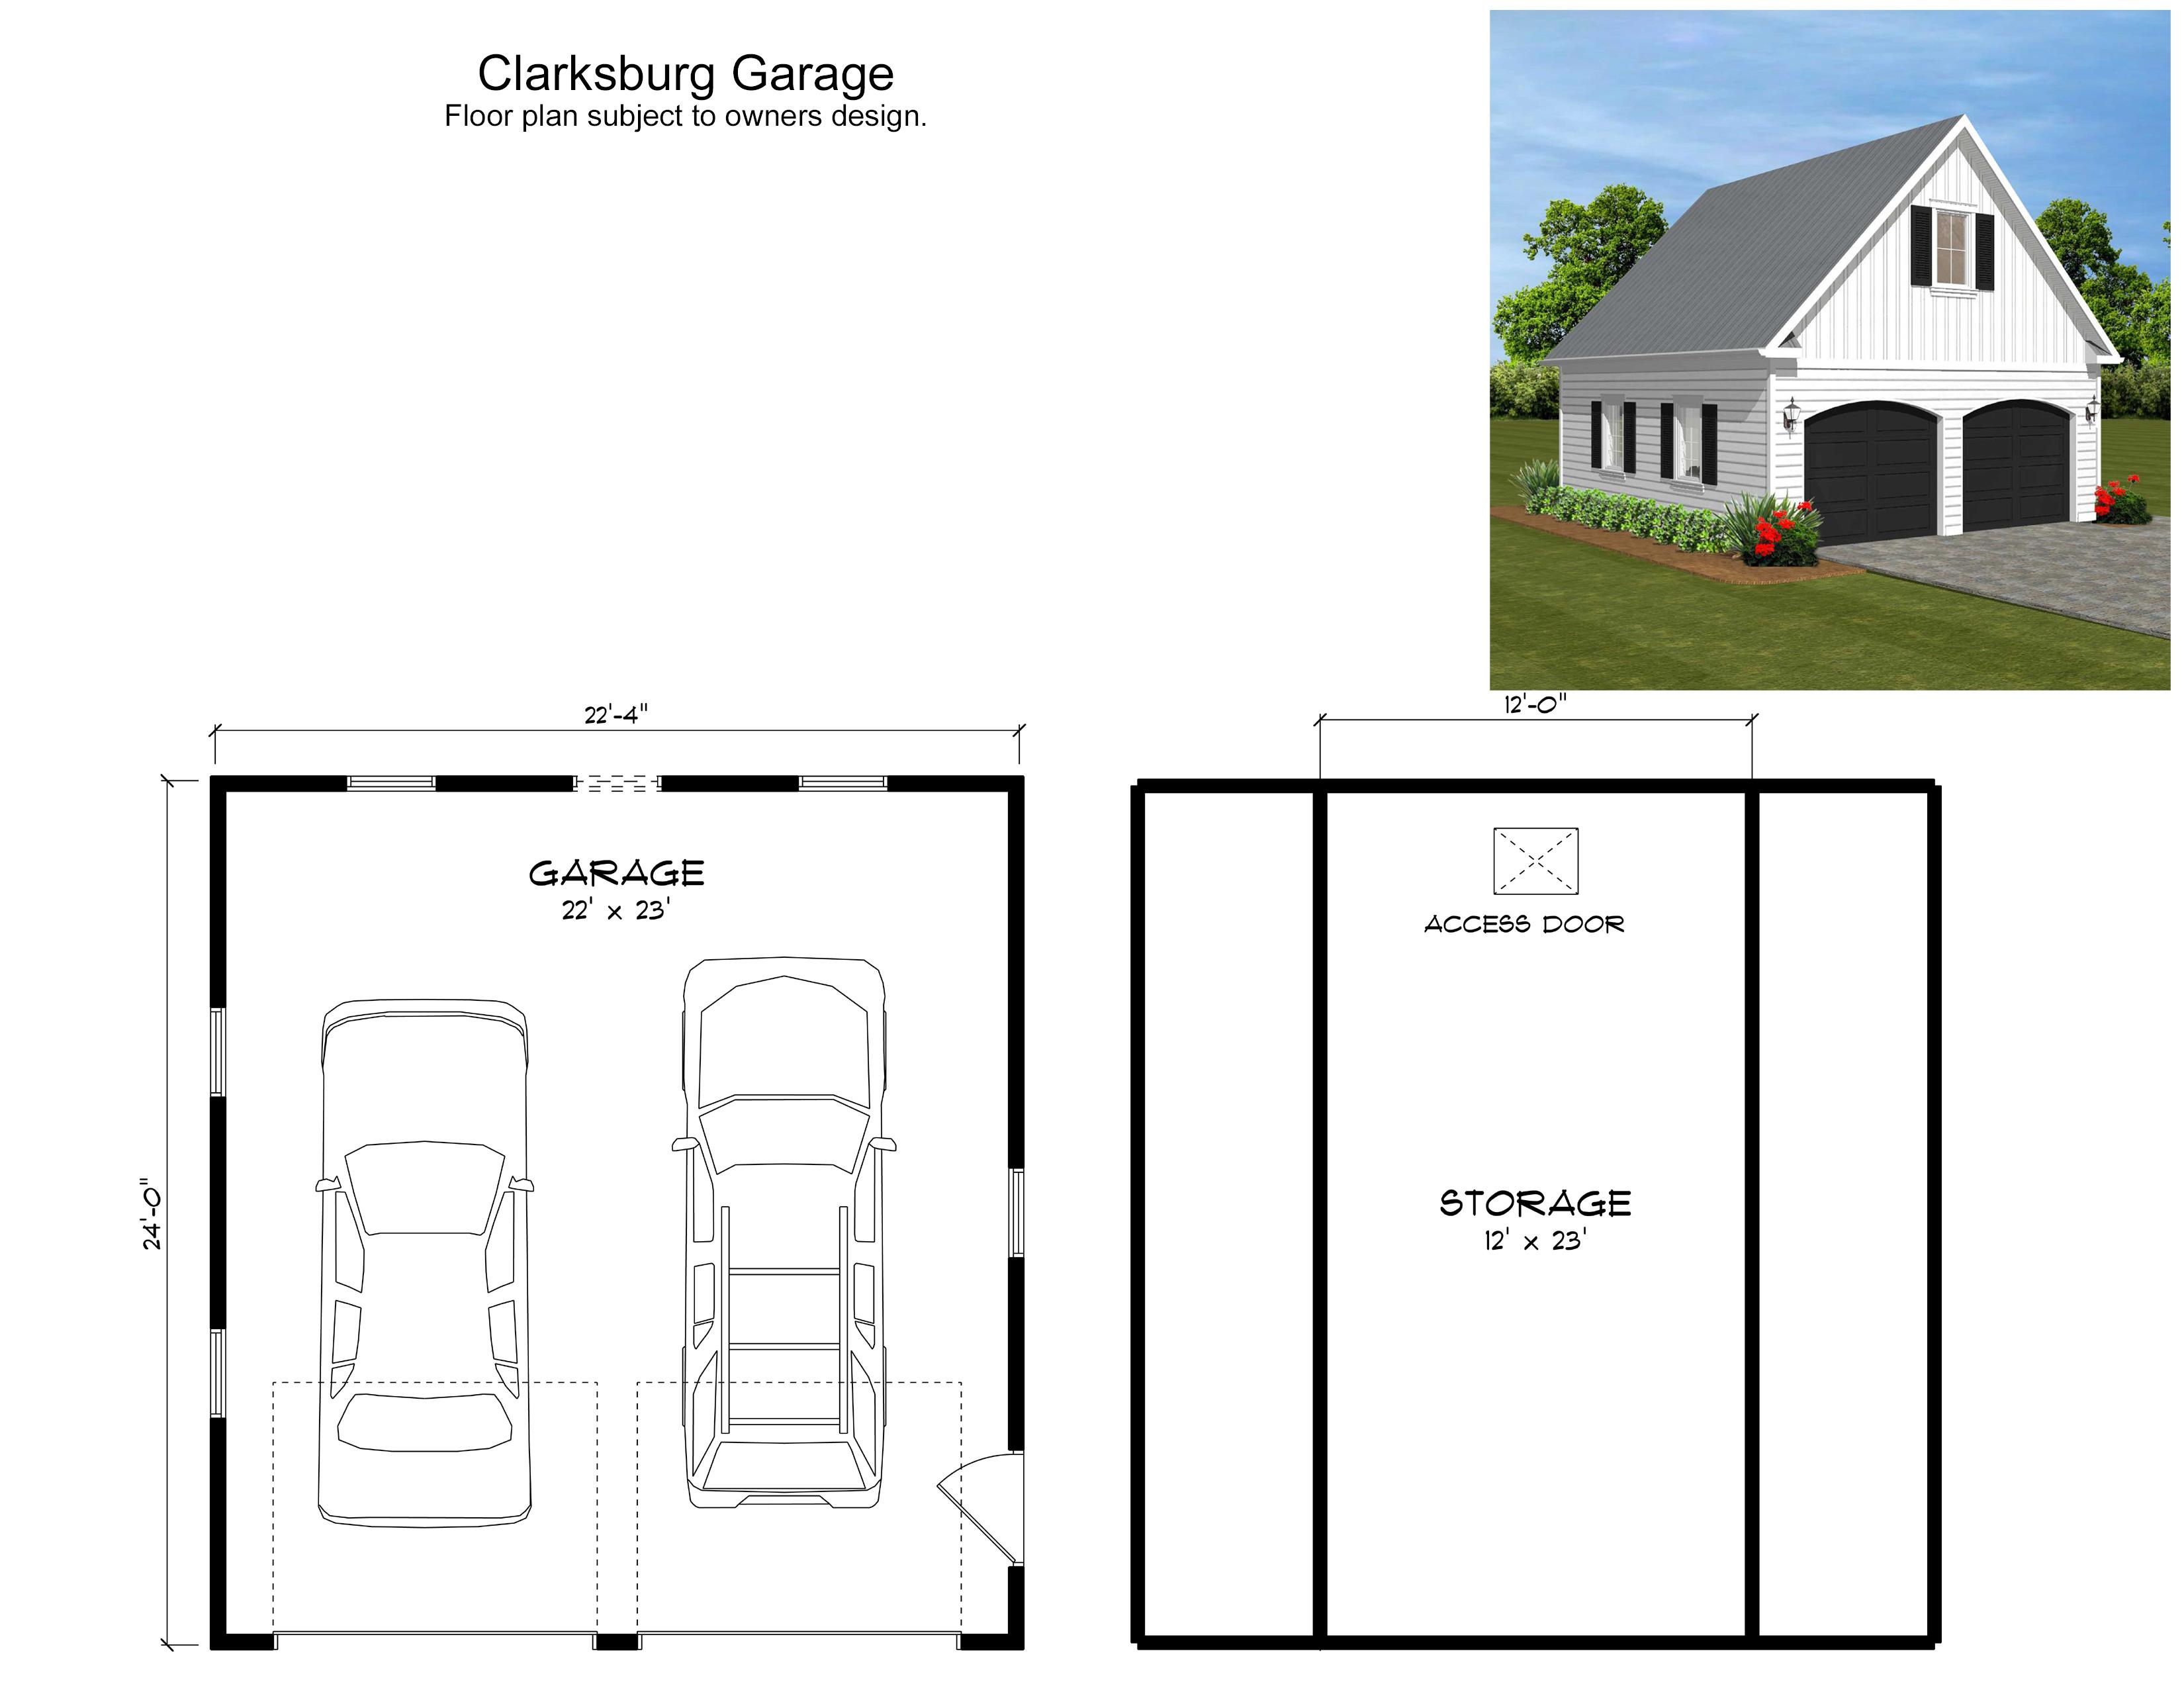 Clarksburg Garage